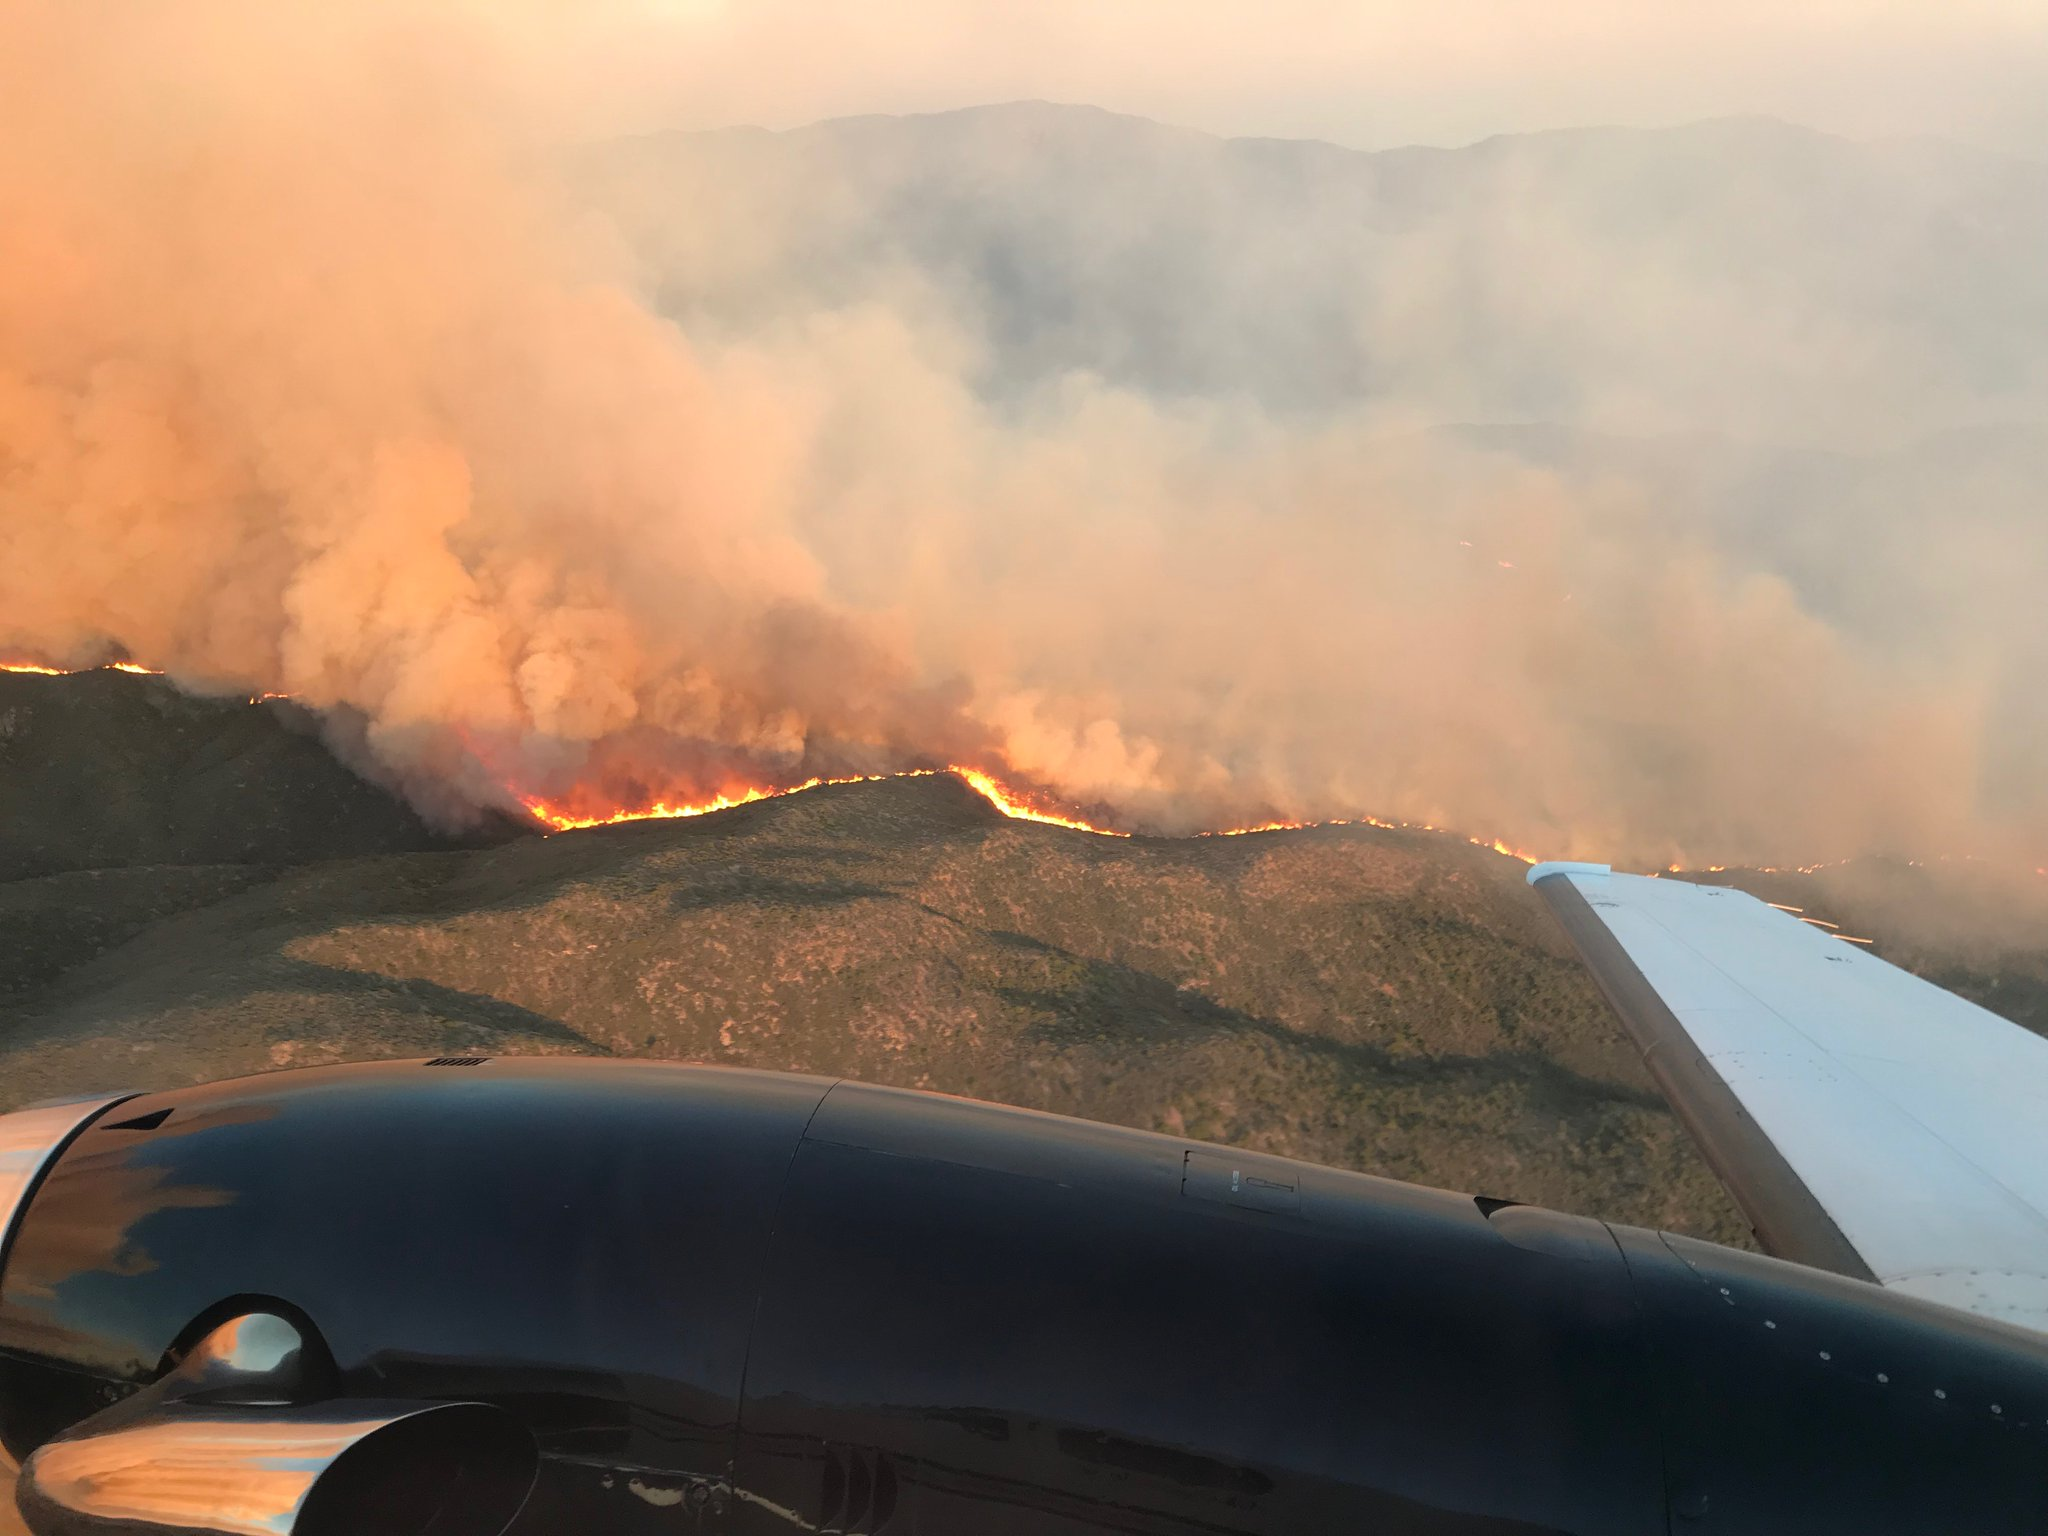 Cellar Fire near Prescott